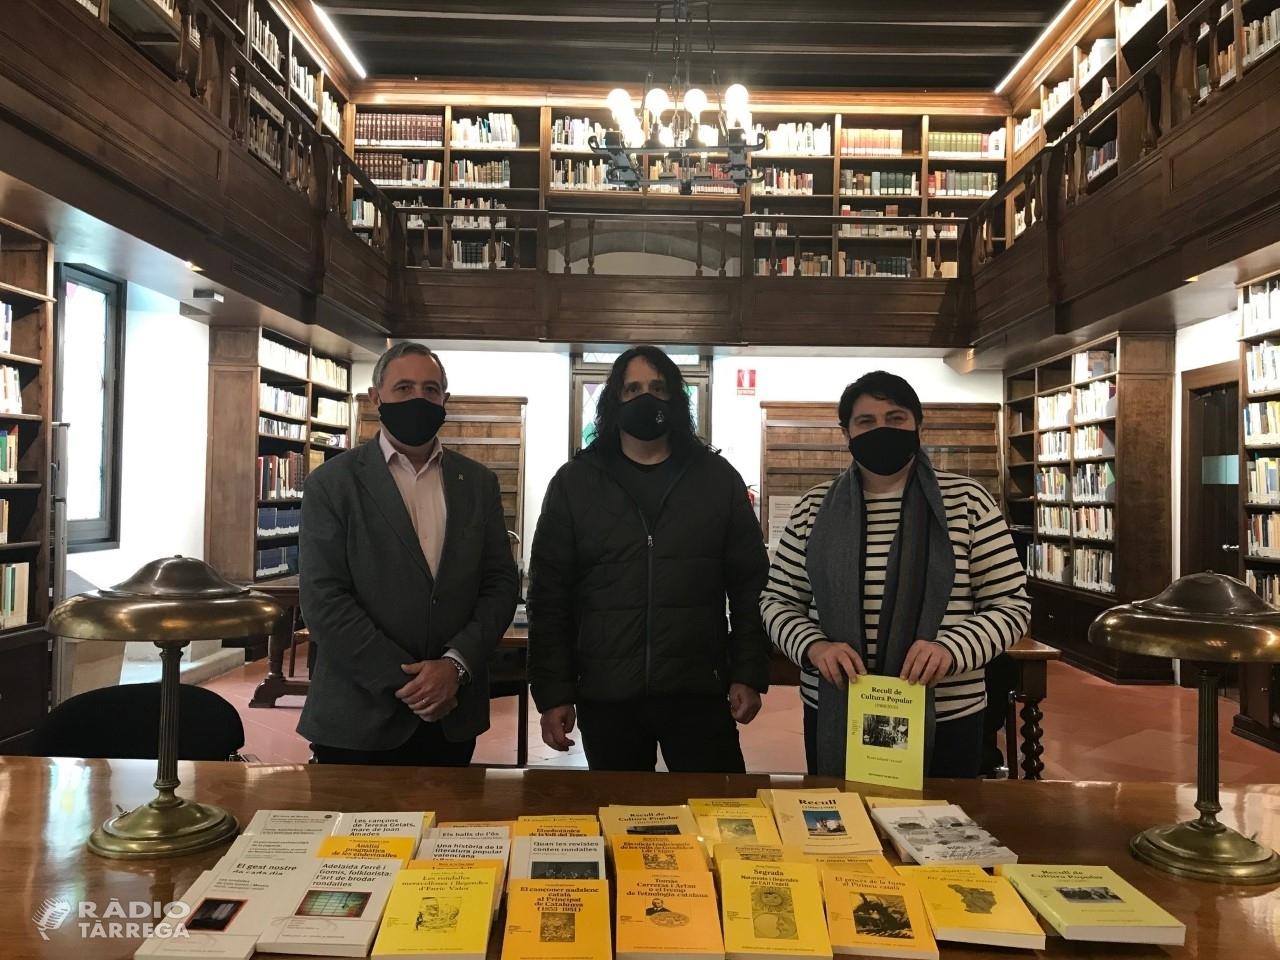 L'IEI rep la donació de tots els volums publicats fins al moment dels Premis Valeri Serra de Cultura Popular